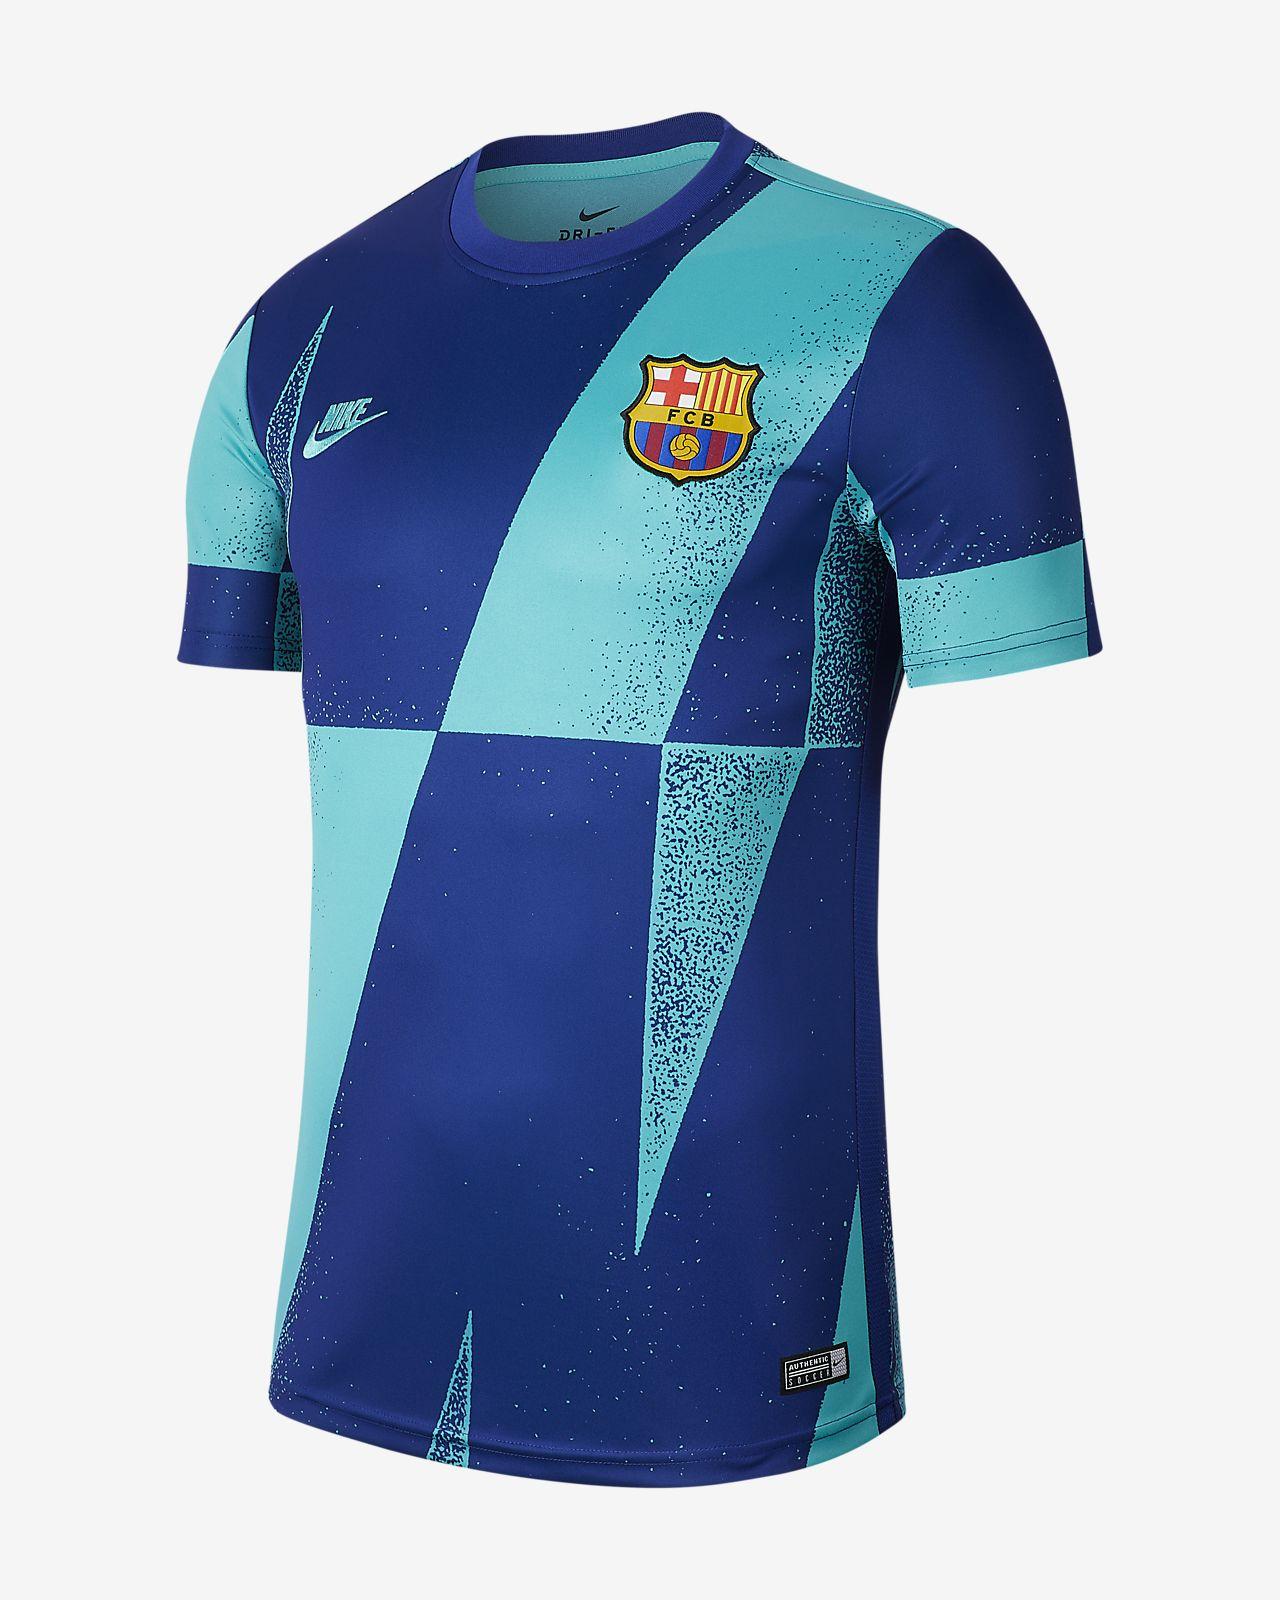 FC バルセロナ メンズ ショートスリーブ サッカートップ